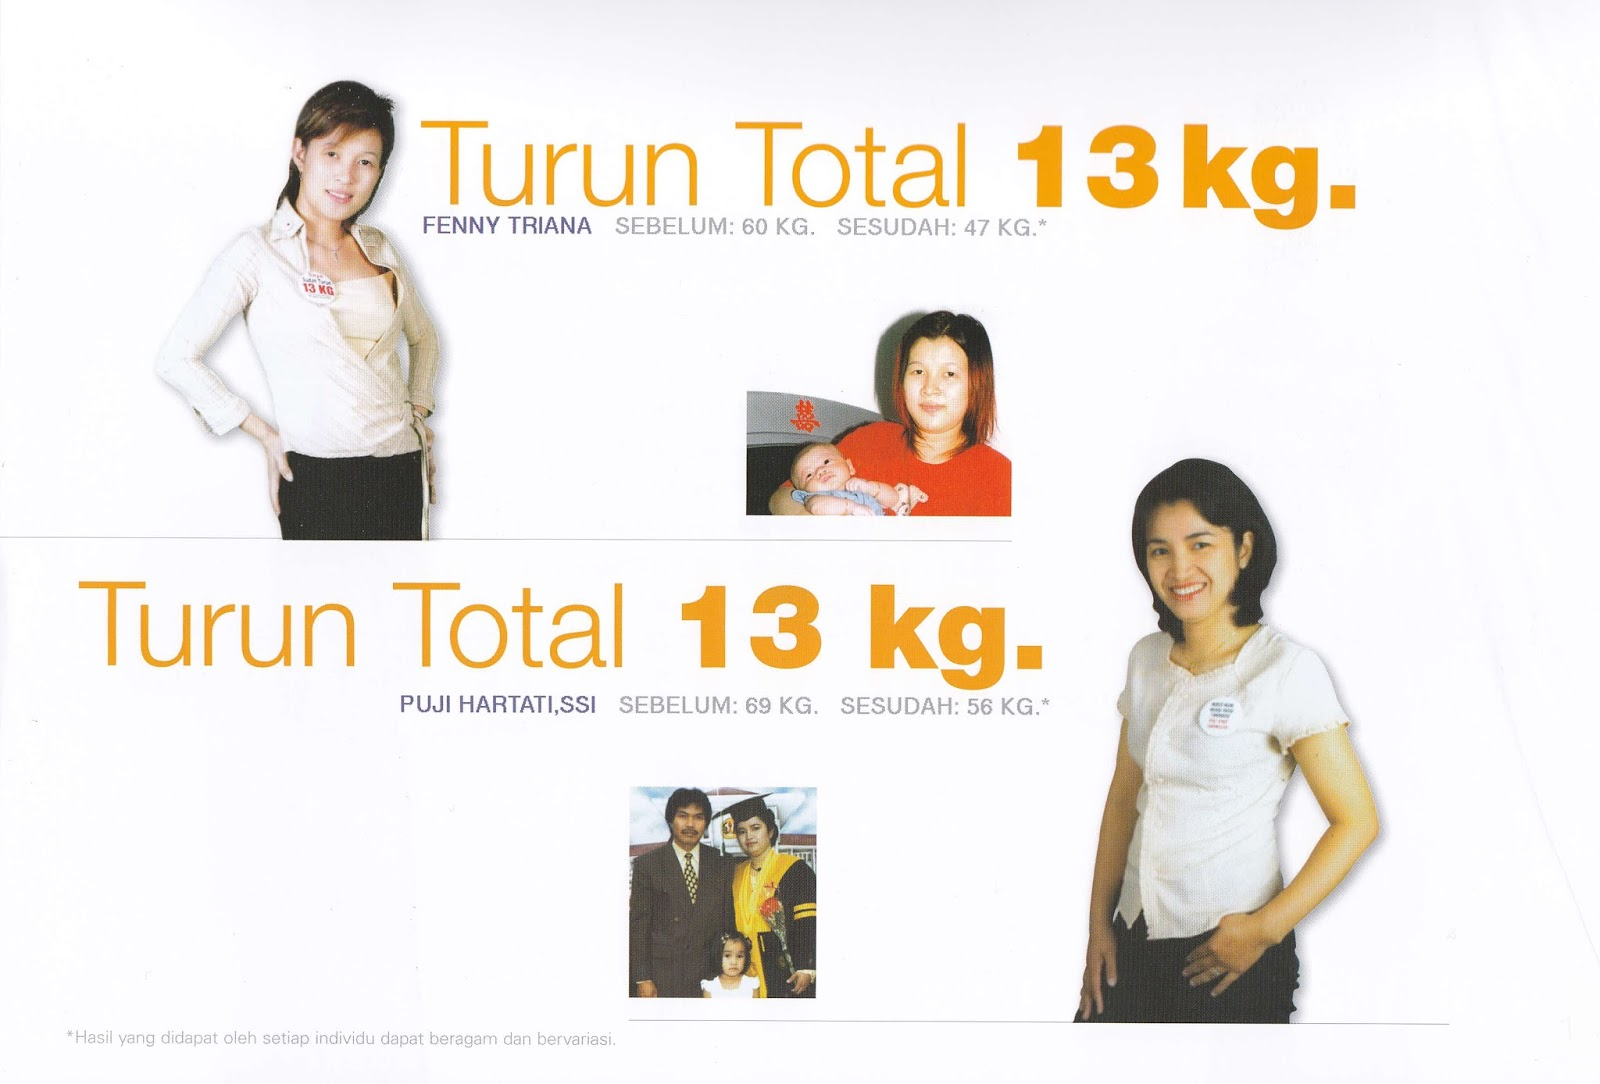 Kalori dan Berat Badan